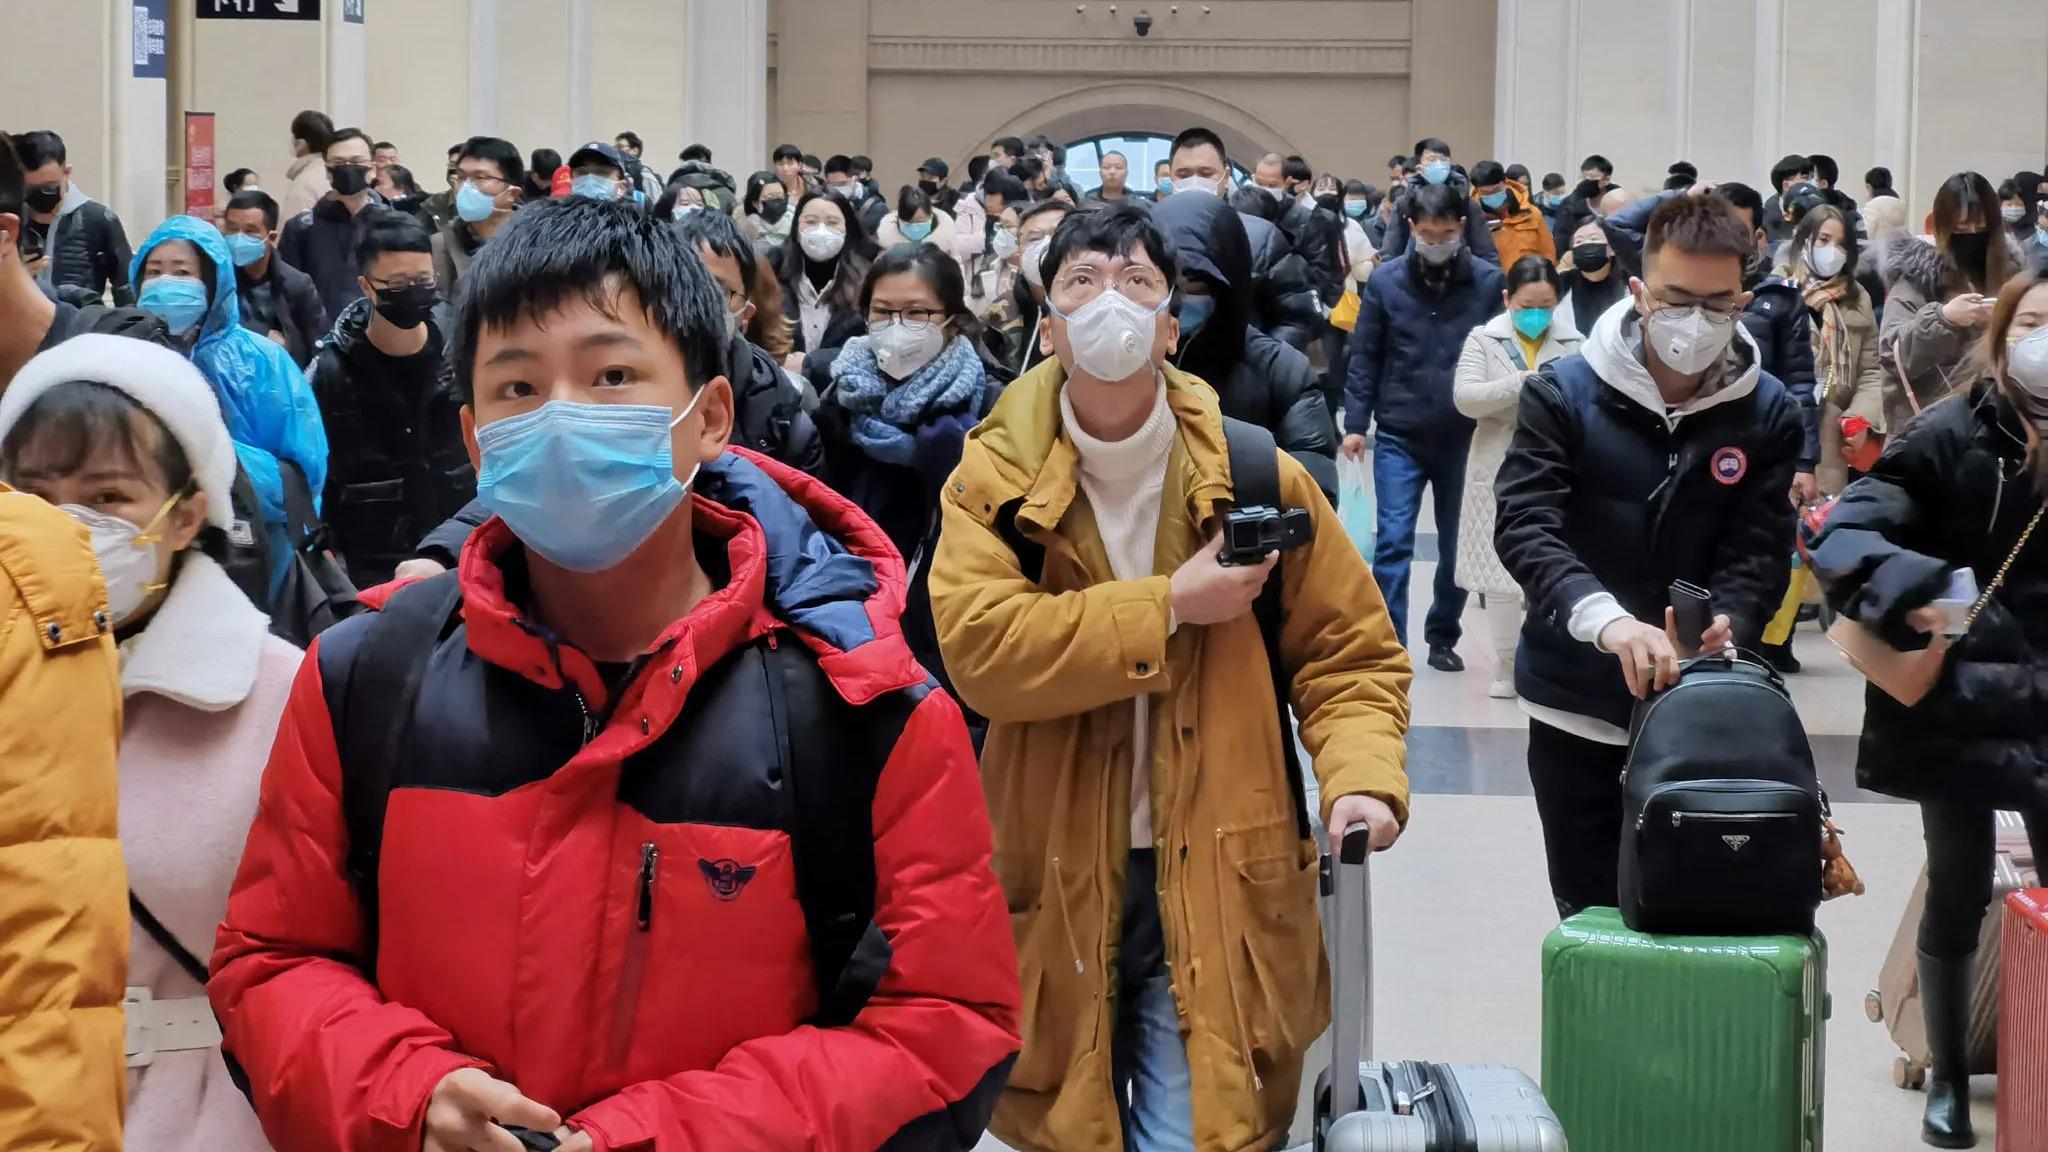 Taiwan fines coronavirus patient $10,000 for 'hiding' illness - Nikkei Asia